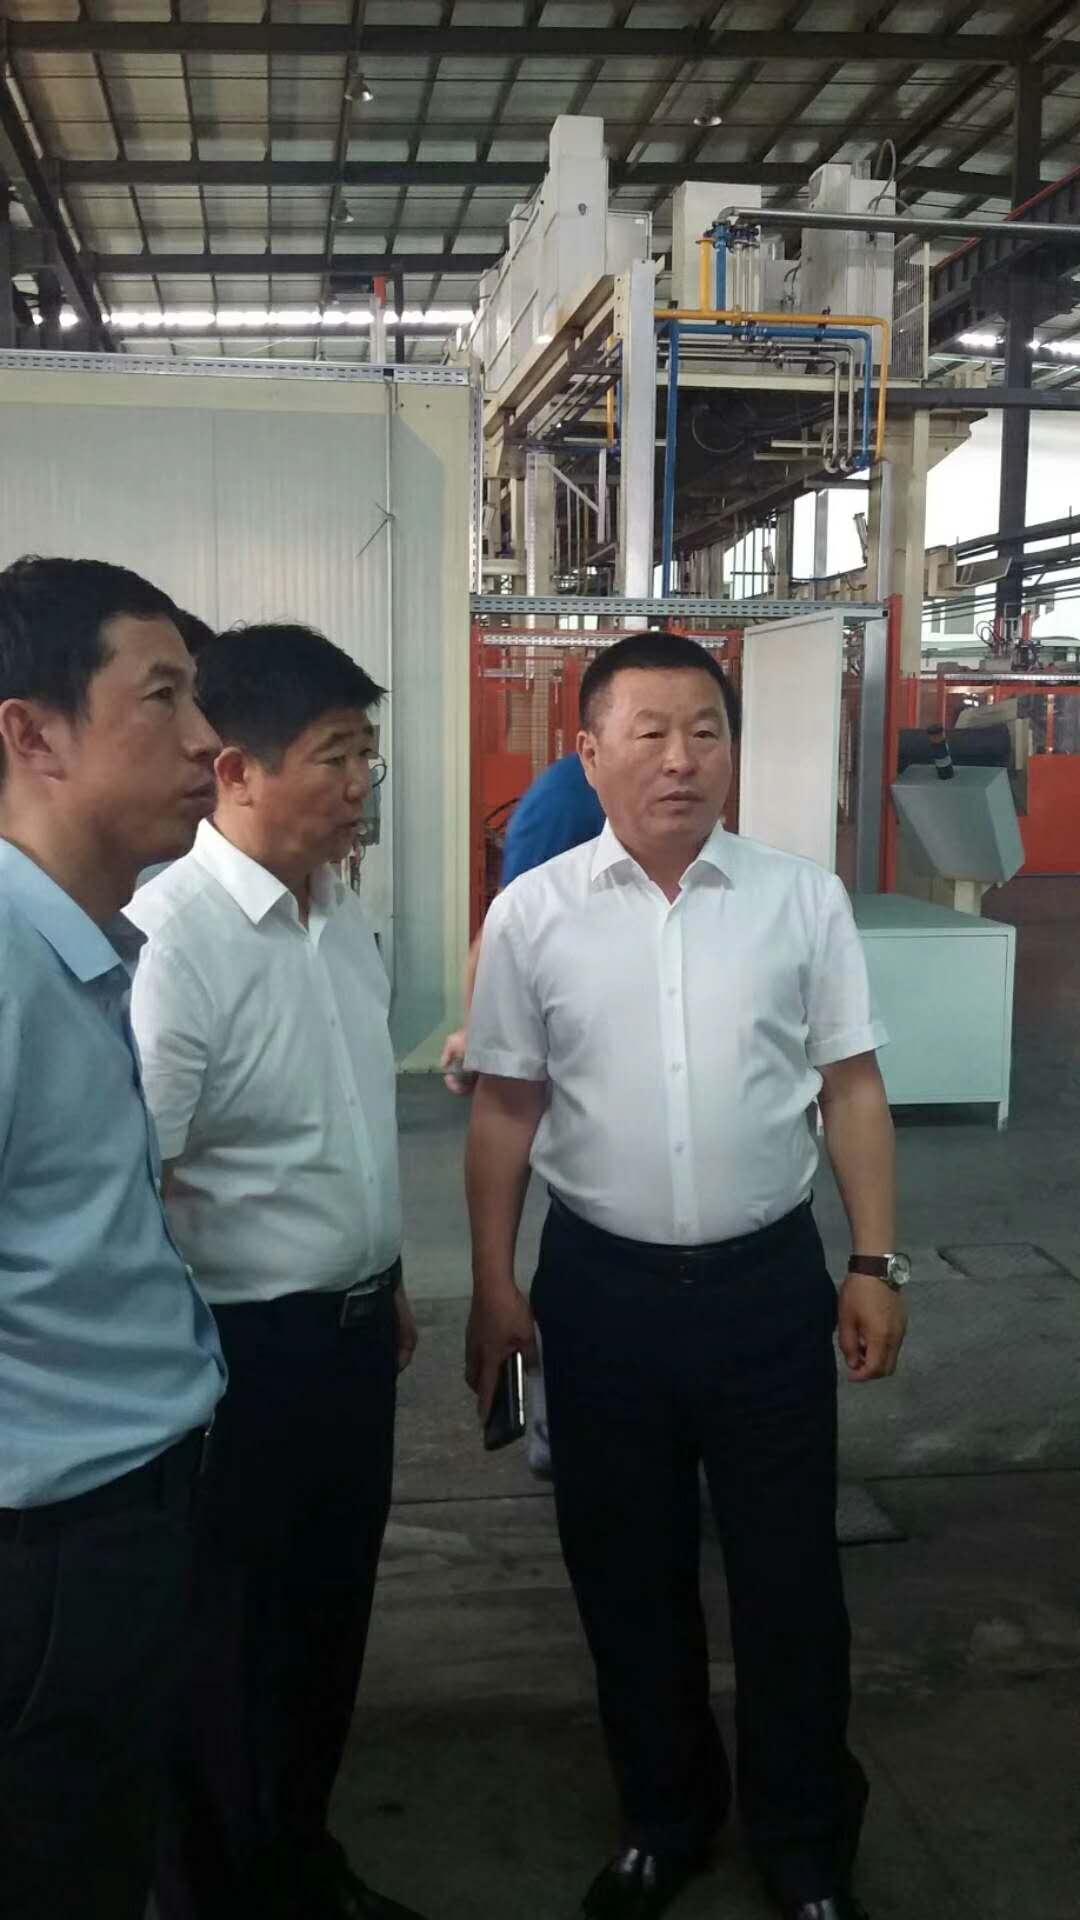 7月5日 天津商贸代表团到双阳厂区考察,董事长陪同考察并介绍企业情况